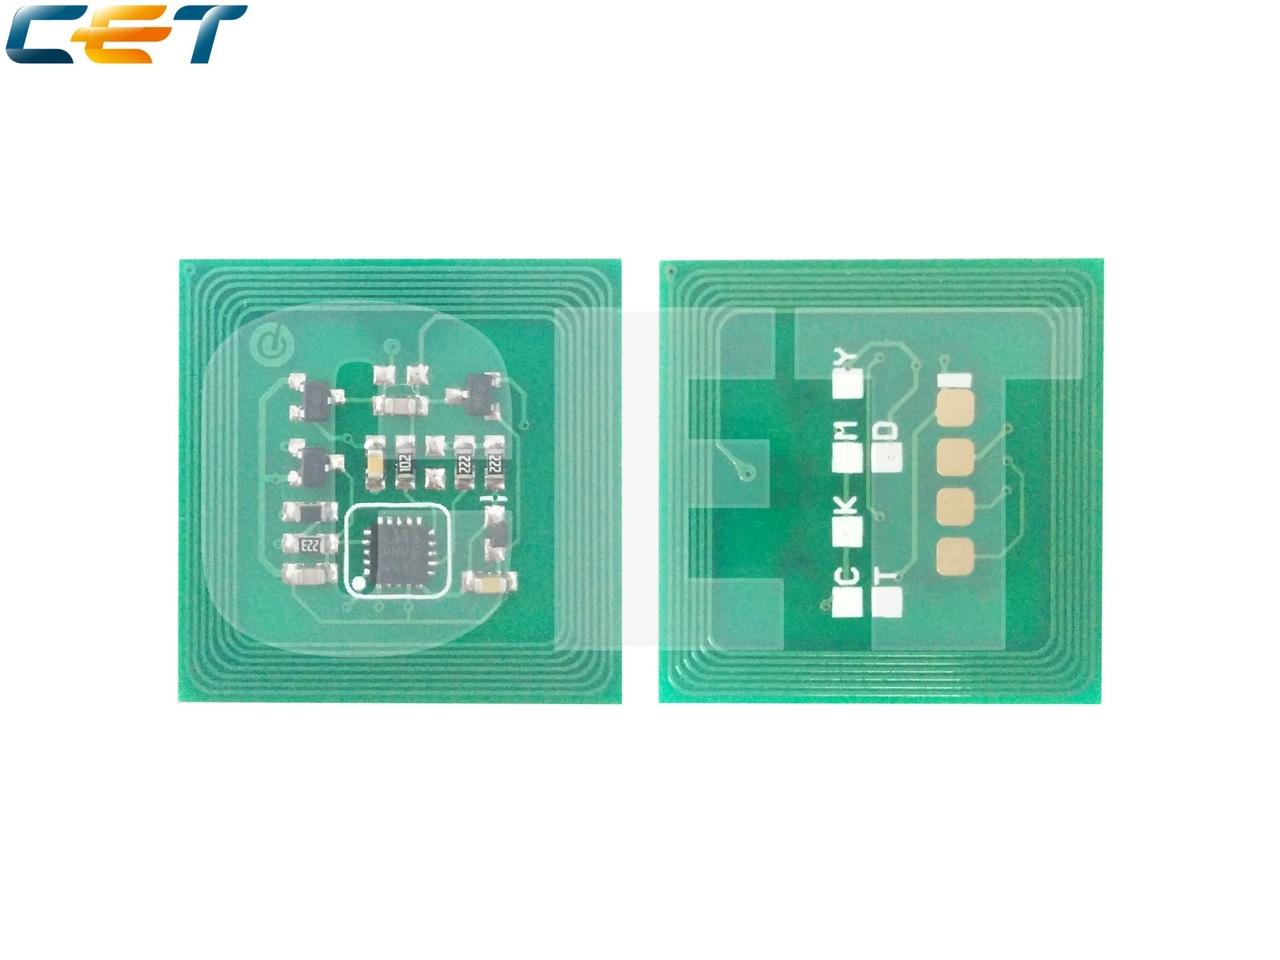 Чип картриджа 006R01449 для XEROX DocuColor240/242/250/252/260, WorkCentre7655/7665/7675/7755/7765/7775 (CET) Black, (W.EU), 30000стр., CET1409K